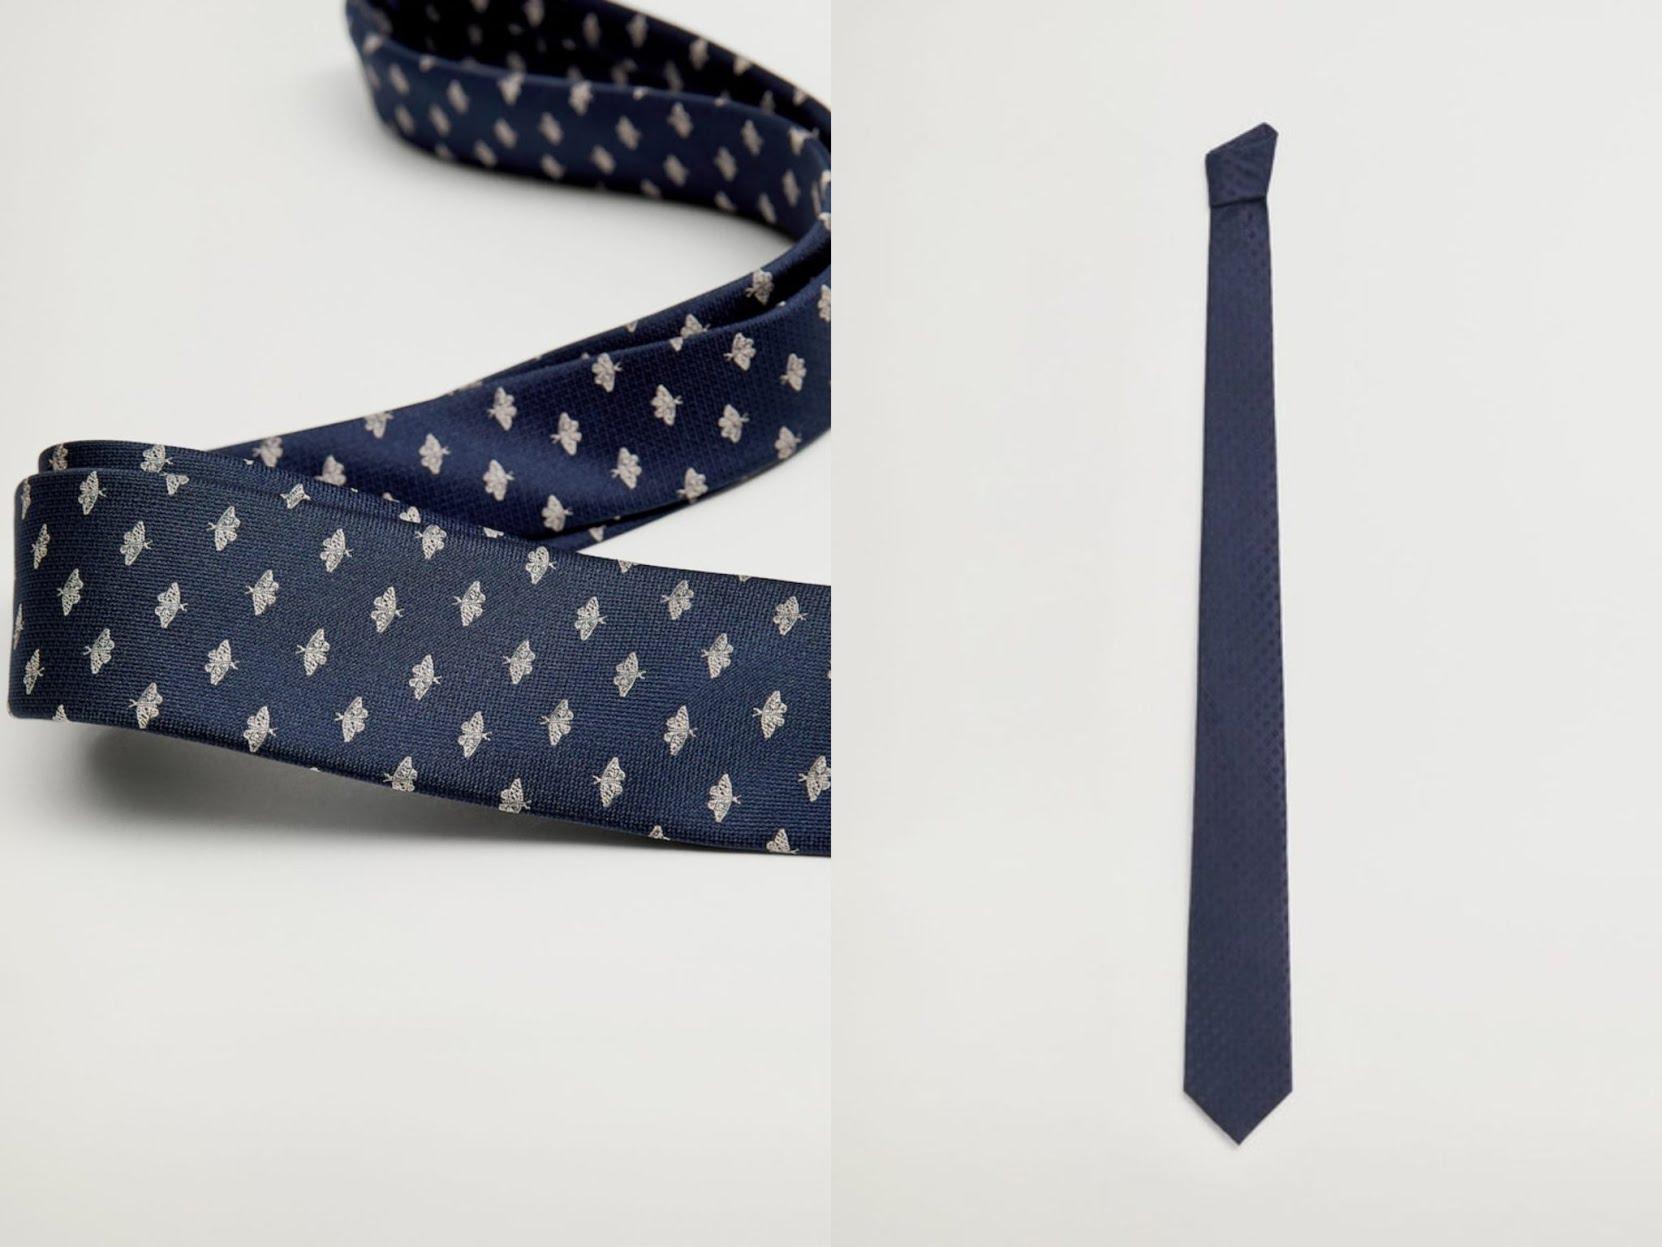 Entretien d'embauche, quelle tenue choisir ? Cravate unie ou imprimée ?